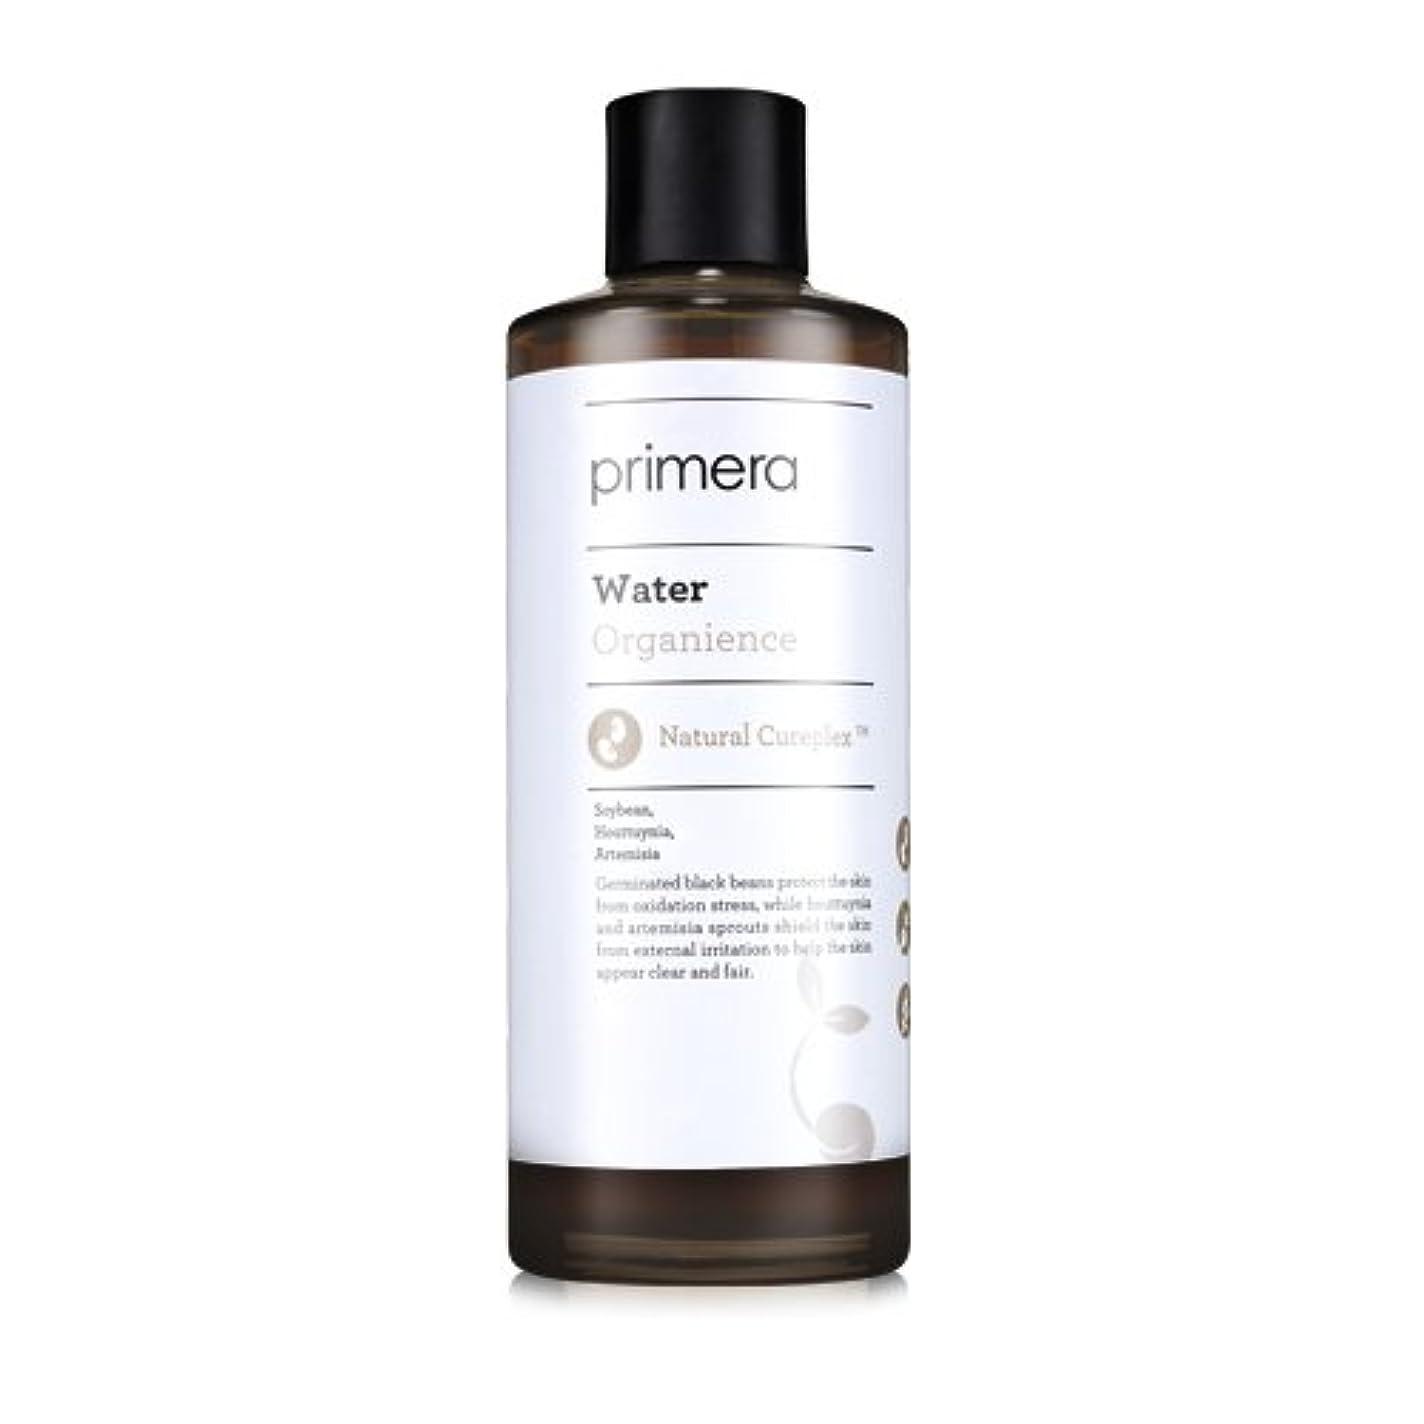 郡フラッシュのように素早く飢饉PRIMERA プリメラ オーガニエンス エマルジョン(Organience Emulsion)乳液 150ml